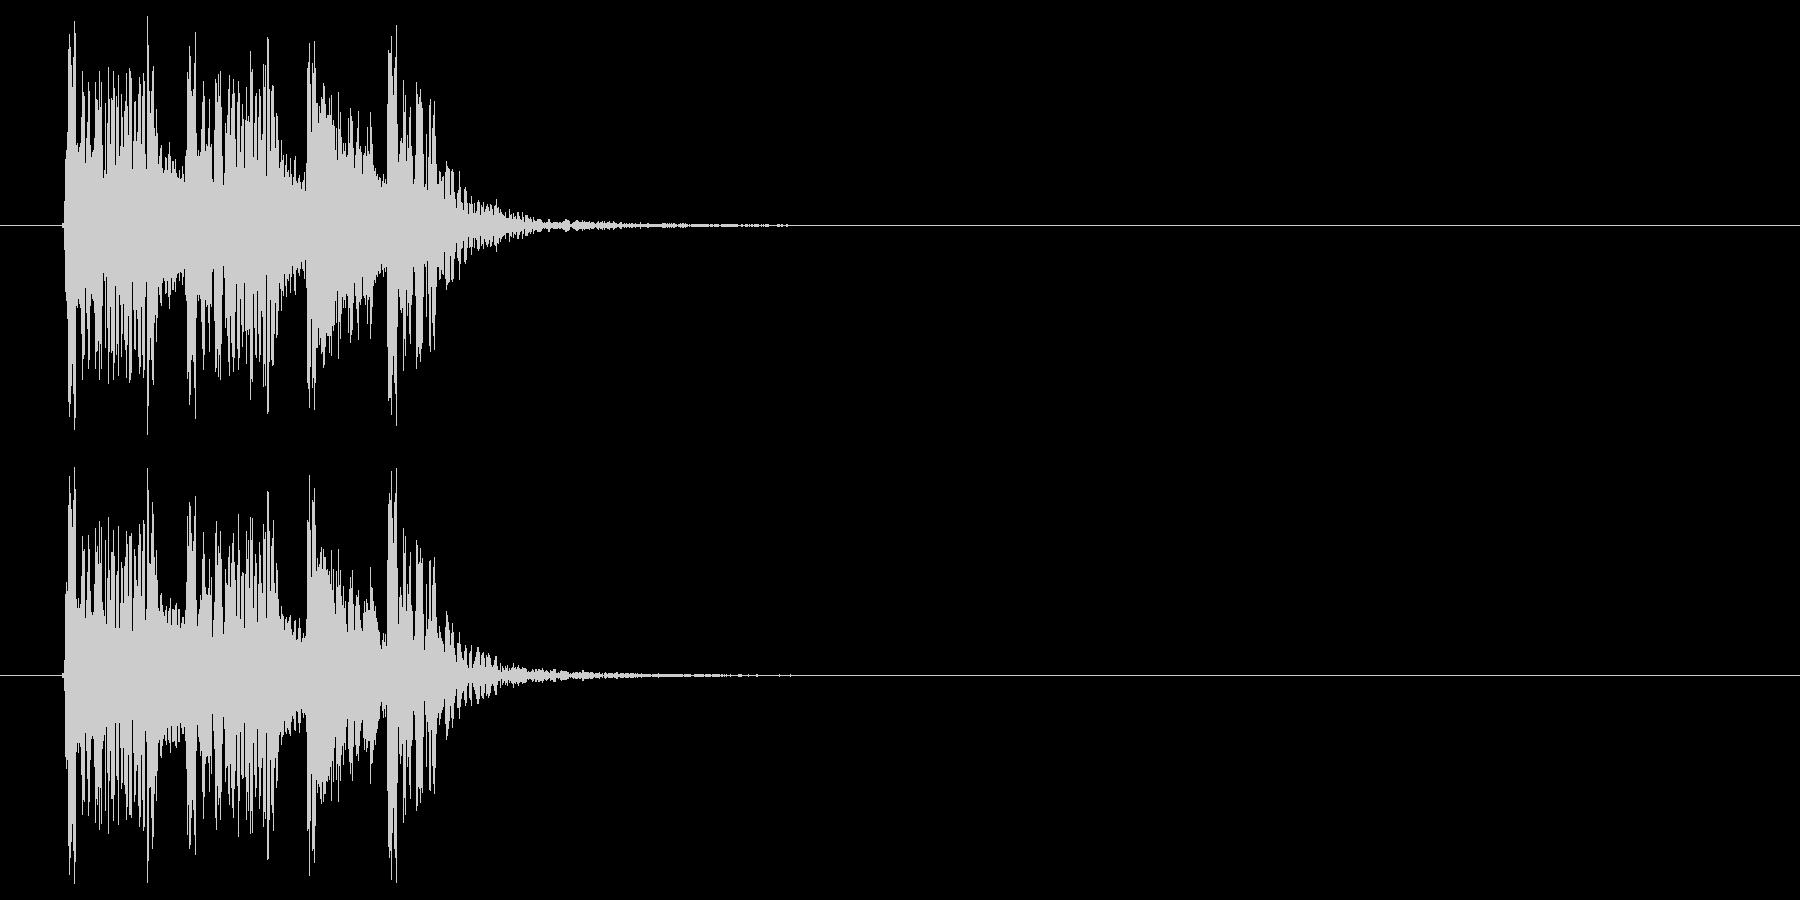 スピード感のあるドラムによるBGMの未再生の波形